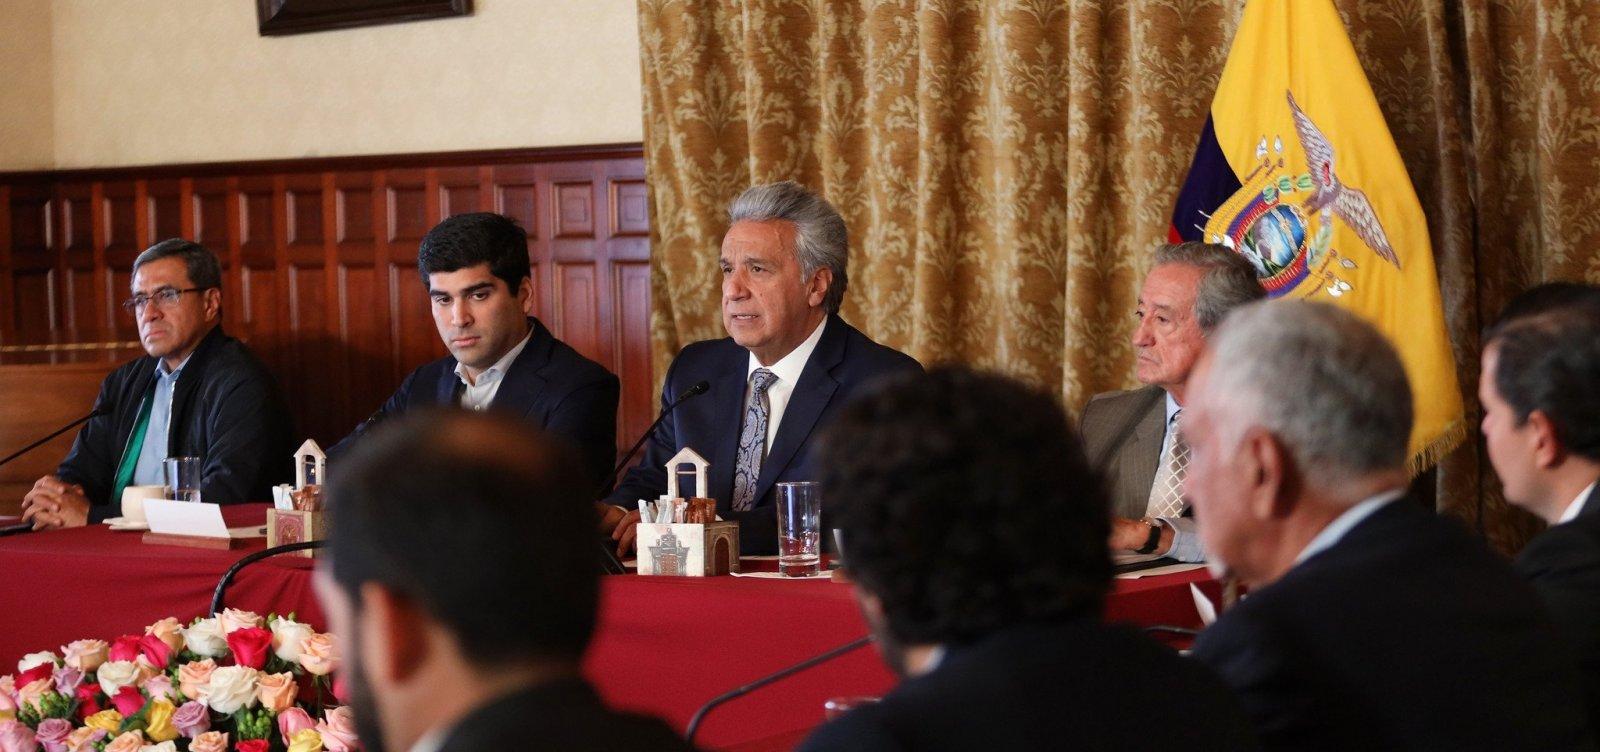 [Após protestos, presidente do Equador transfere sede do governo ]